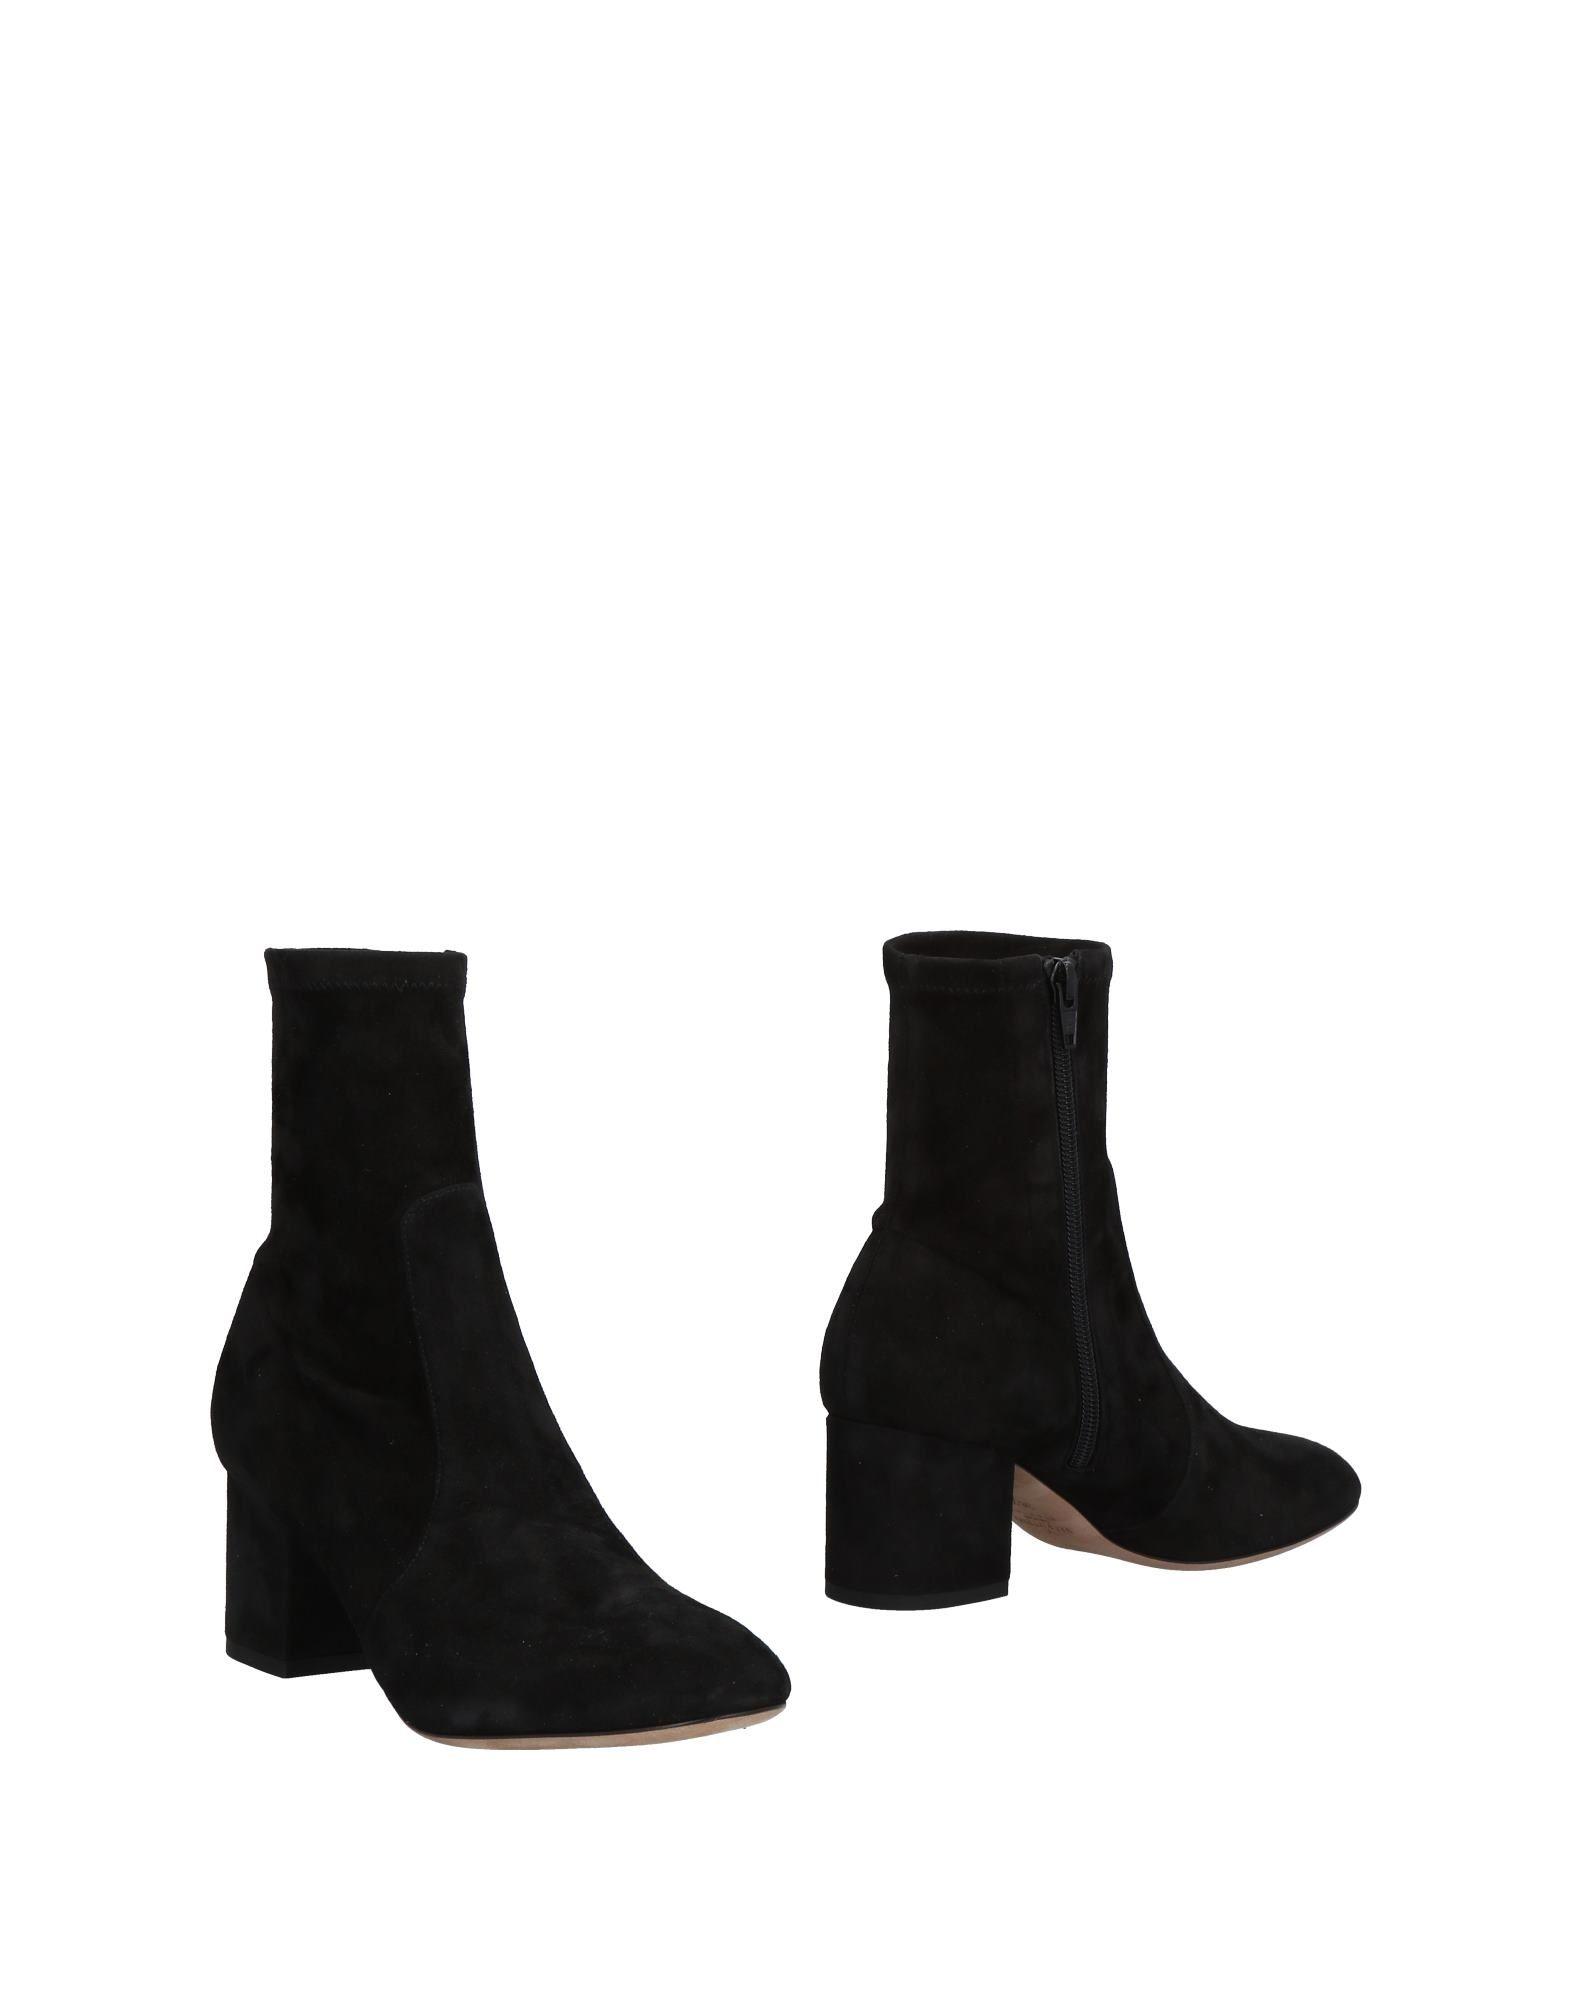 f83aa9a48d3 Buy shoes for women - Best women's shoes shop - Cools.com